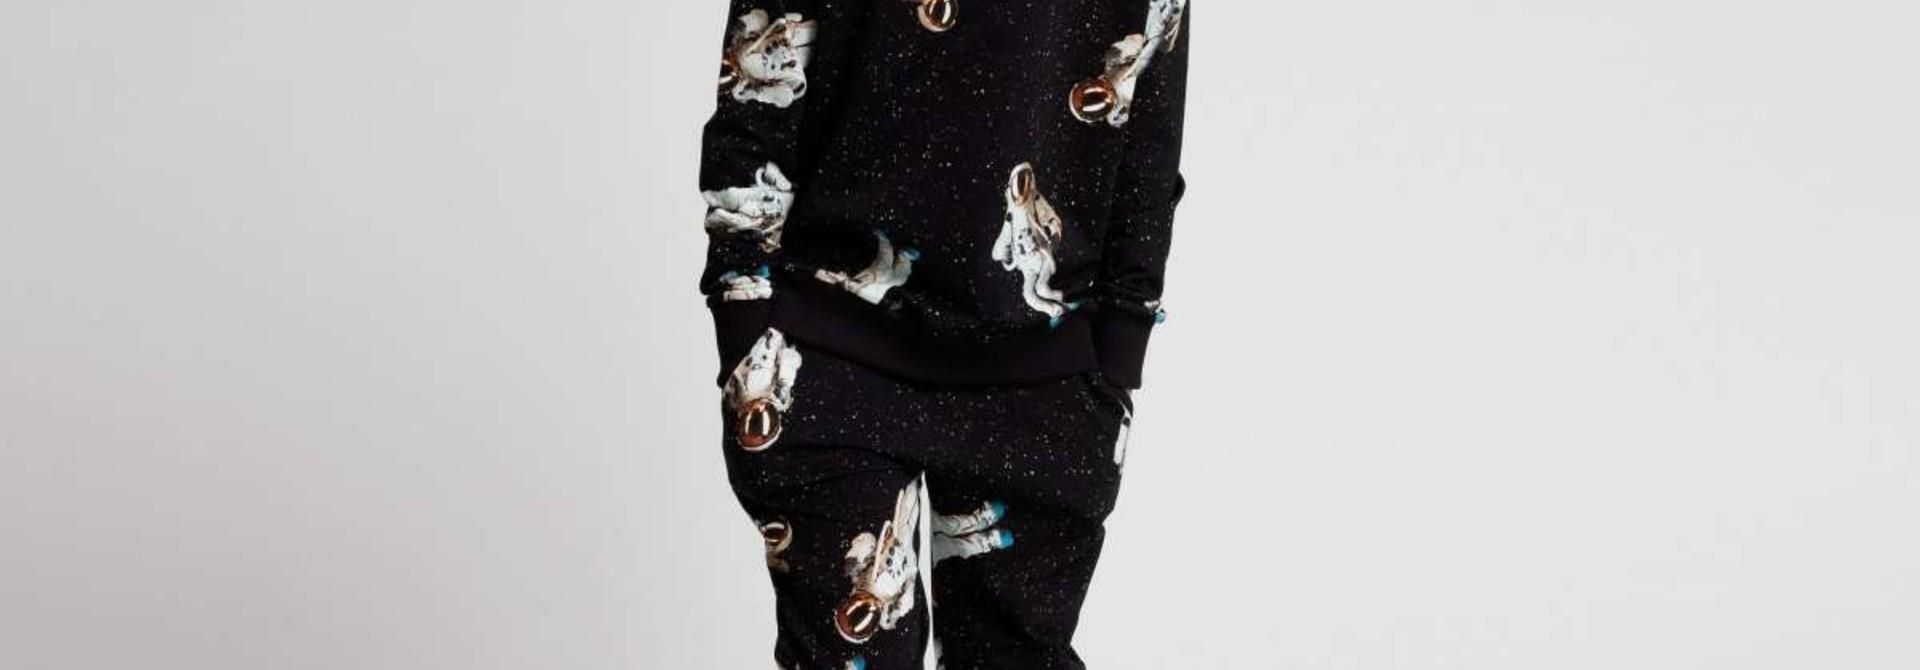 Sweatsuit - Astro -2 pc. - Sz 2